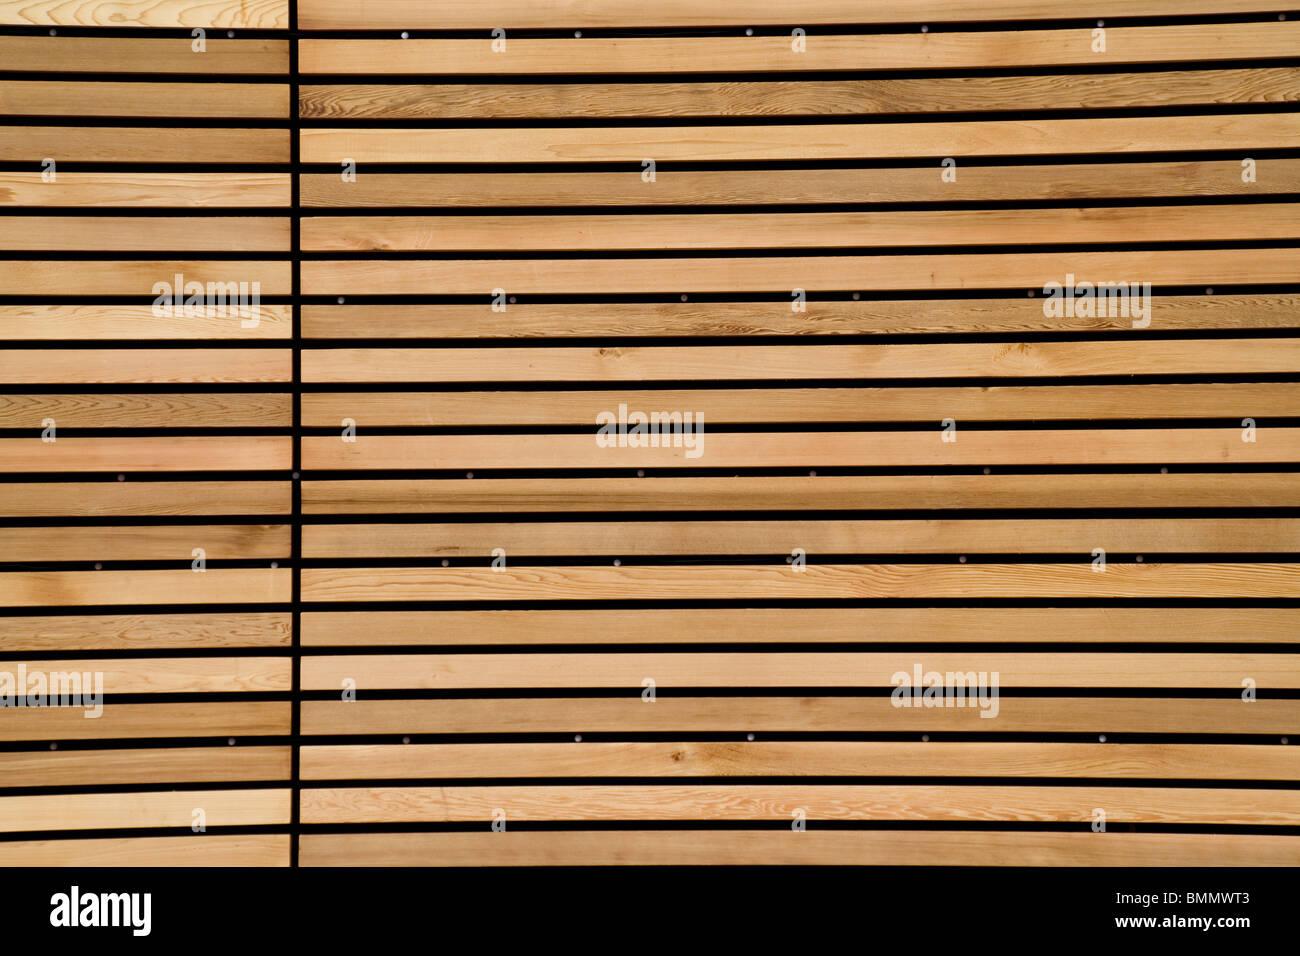 Modello di legno per chiudere in background fino Immagini Stock